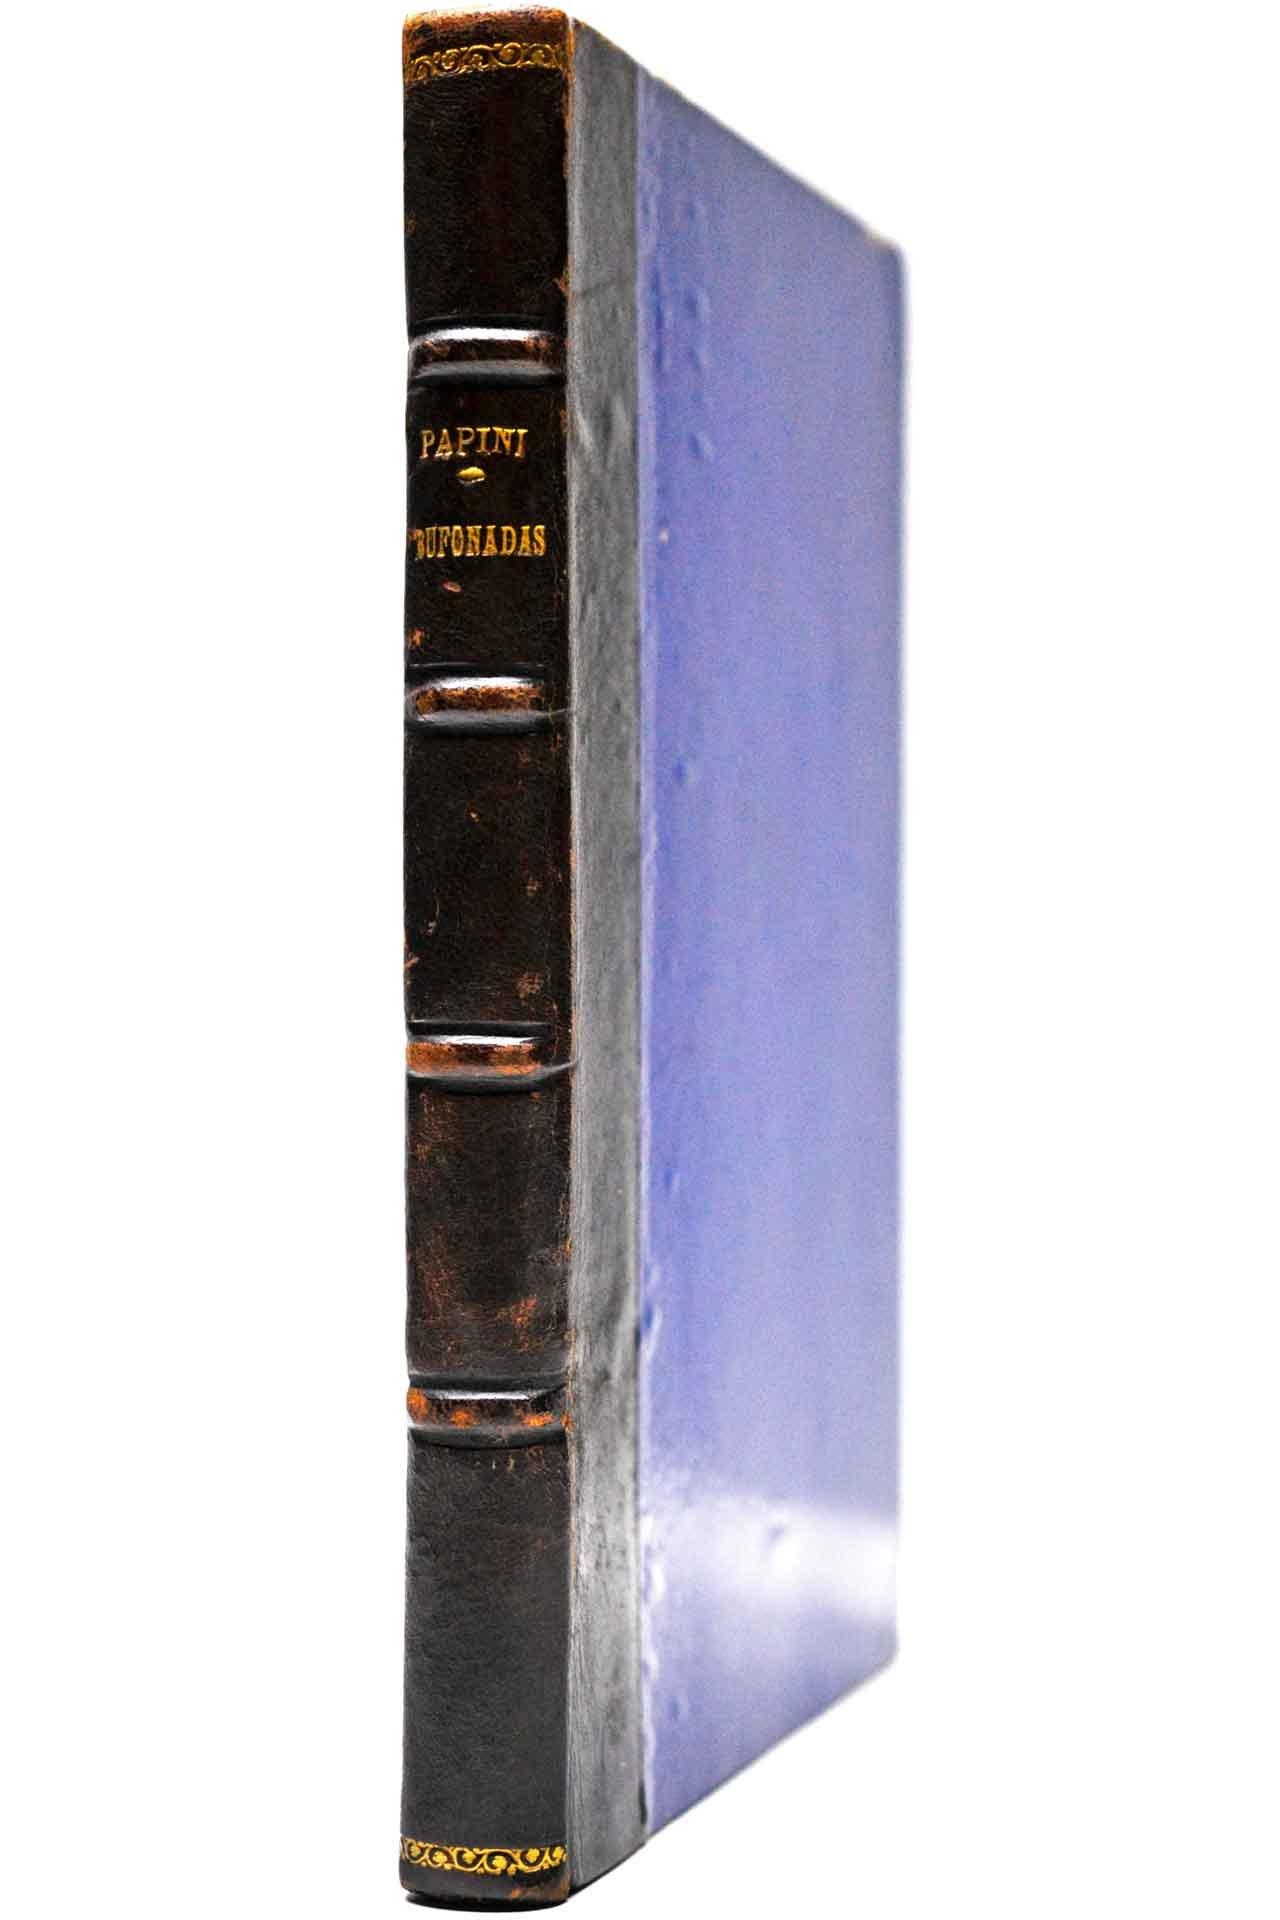 洋書 ディスプレイ用 RZ-5444